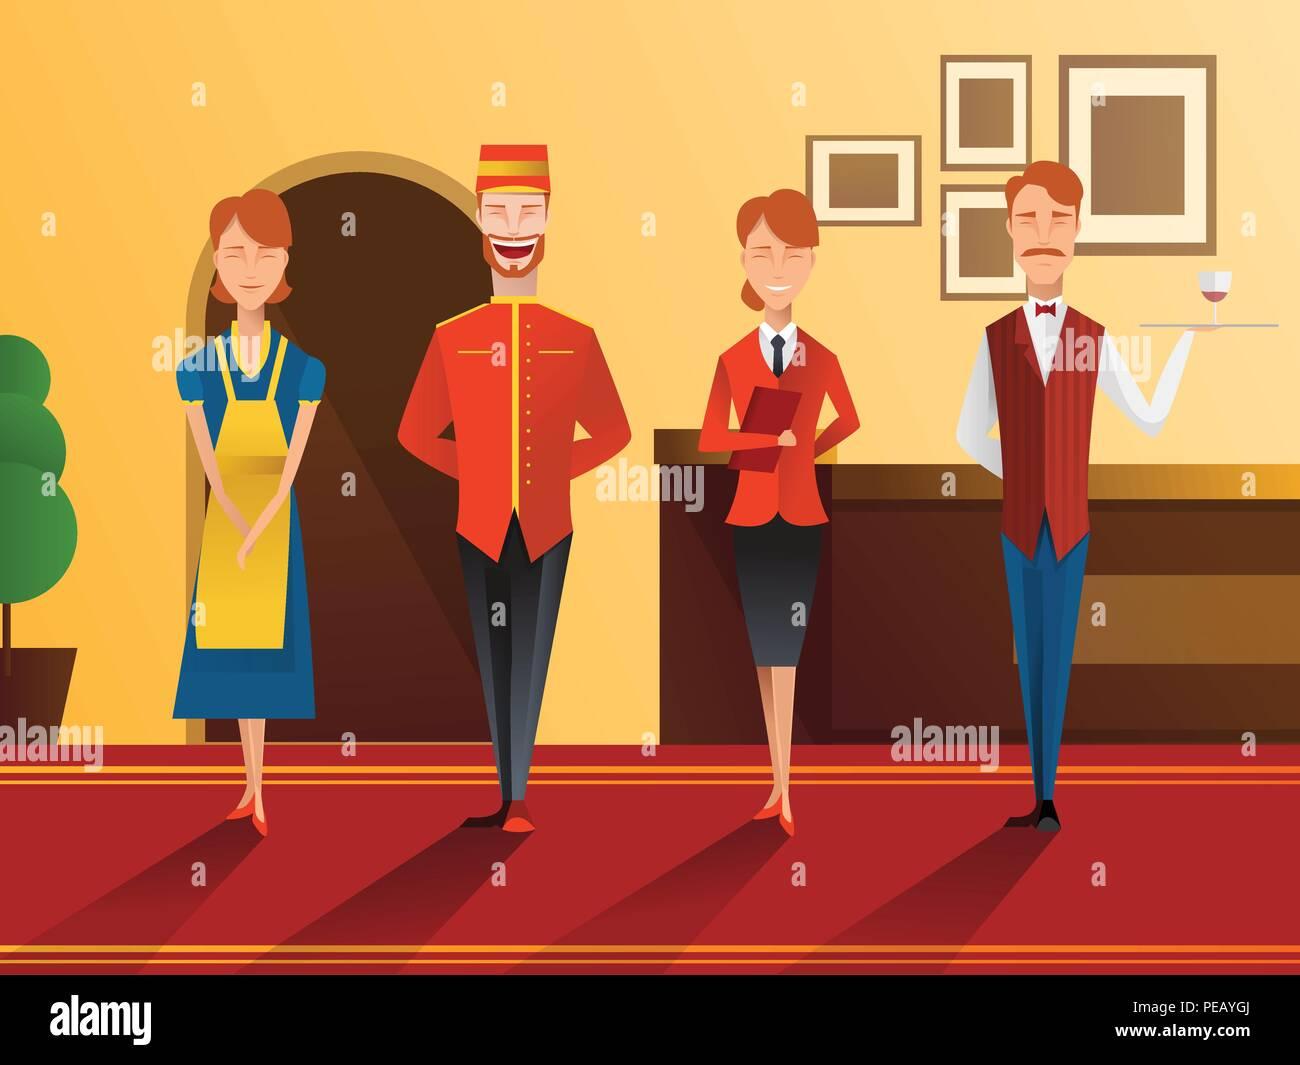 Carácter de hotel sonriente personal pendiente plana composición con la recepcionista, camarero, portero y la sirvienta ilustración vectorial Imagen De Stock